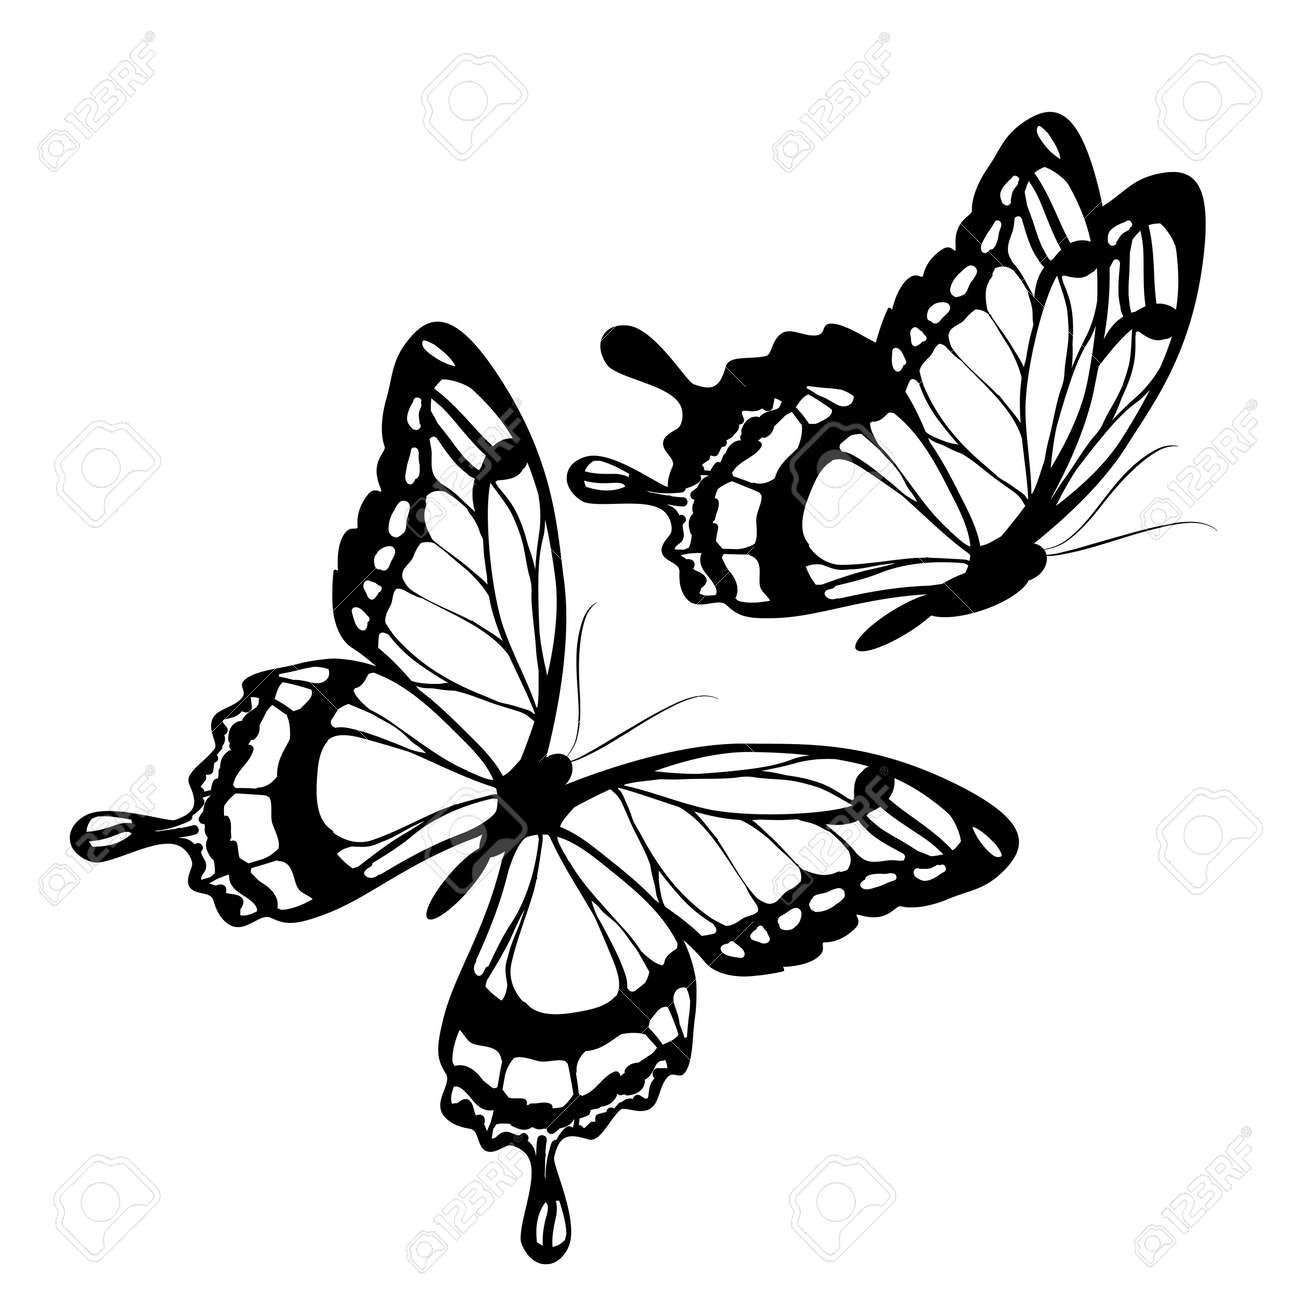 butterflies design - 51370285